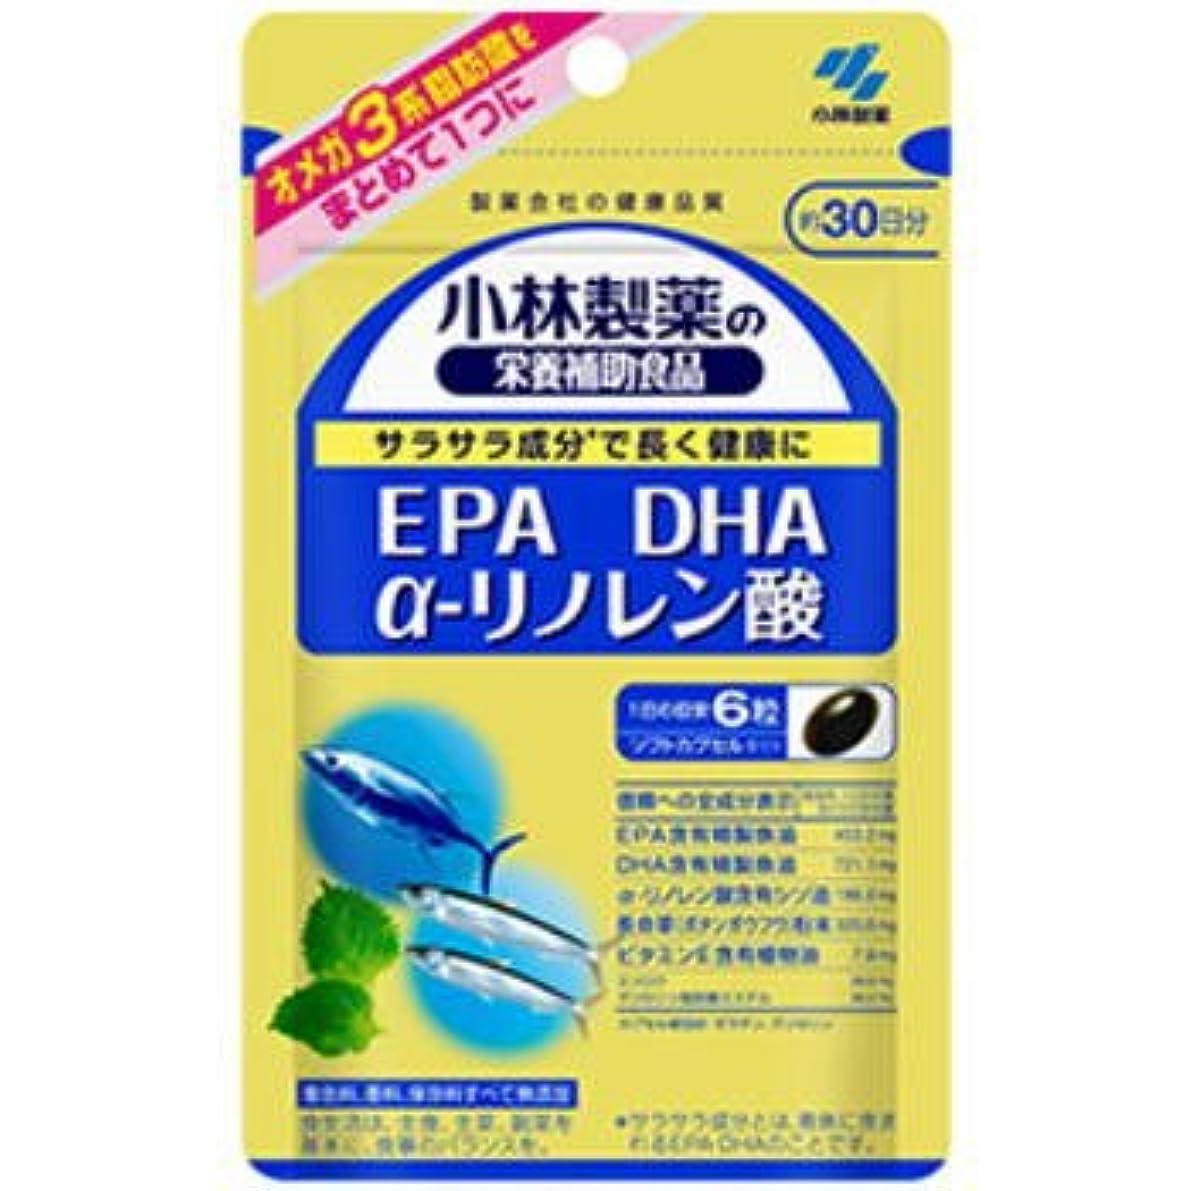 お酢不正確待って小林製薬 EPA DHA α-リノレン酸 180粒×3個セット【ネコポス発送】